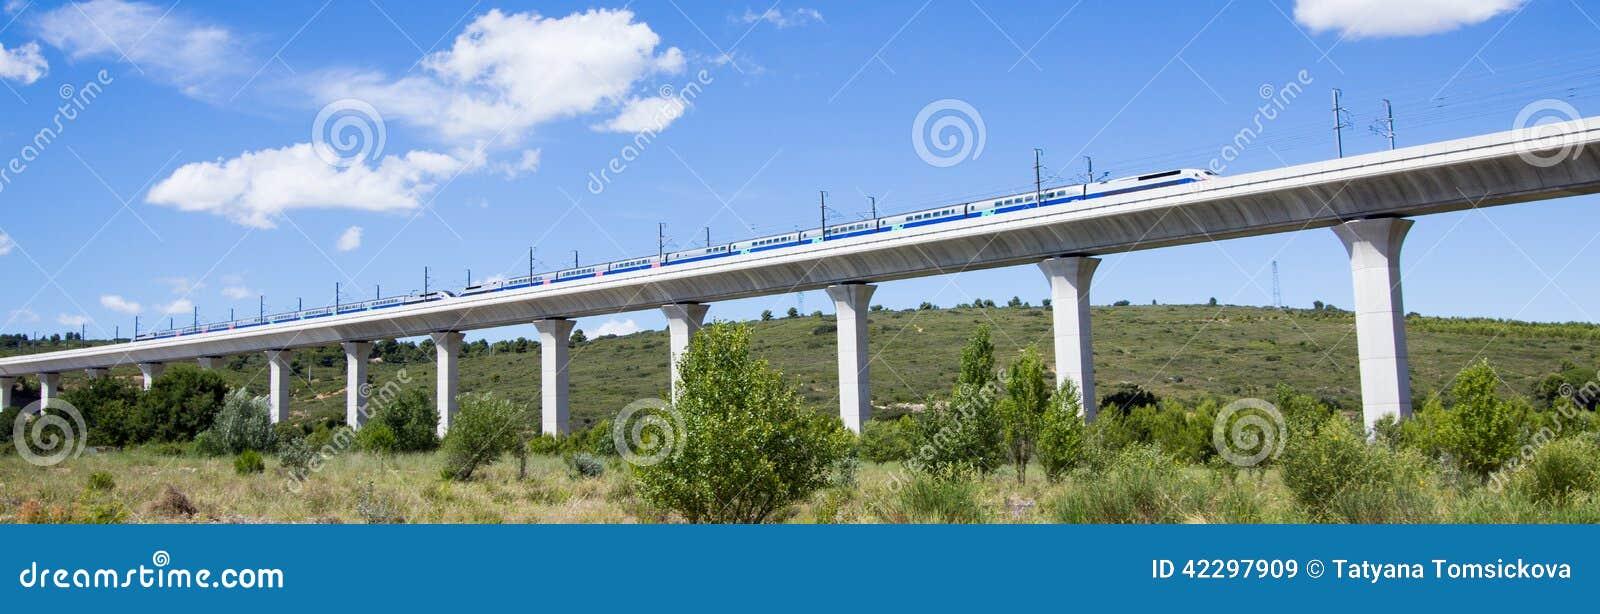 Spoorwegbrug voor TGV in Frankrijk